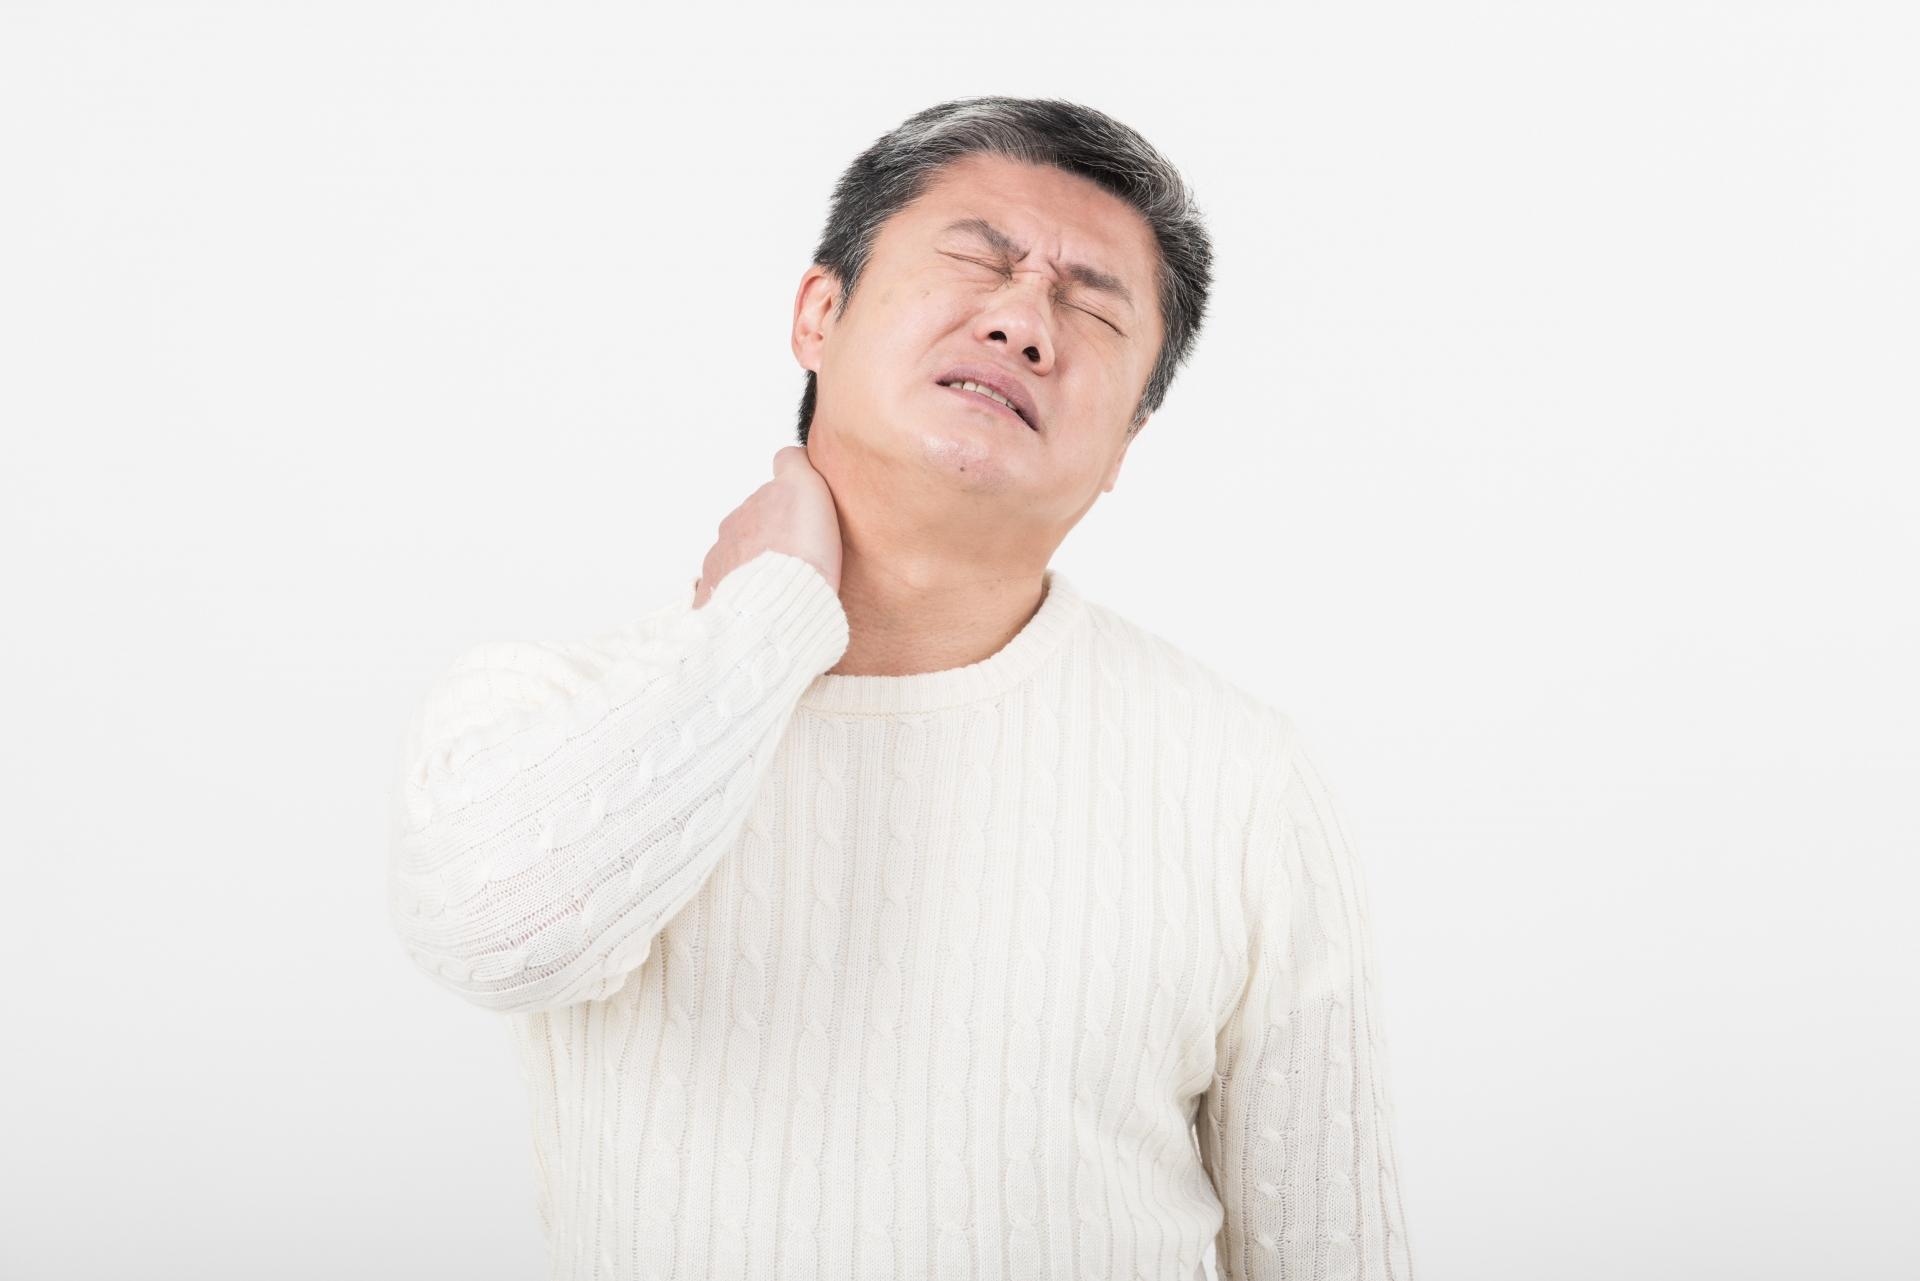 頚椎椎間板ヘルニアについて